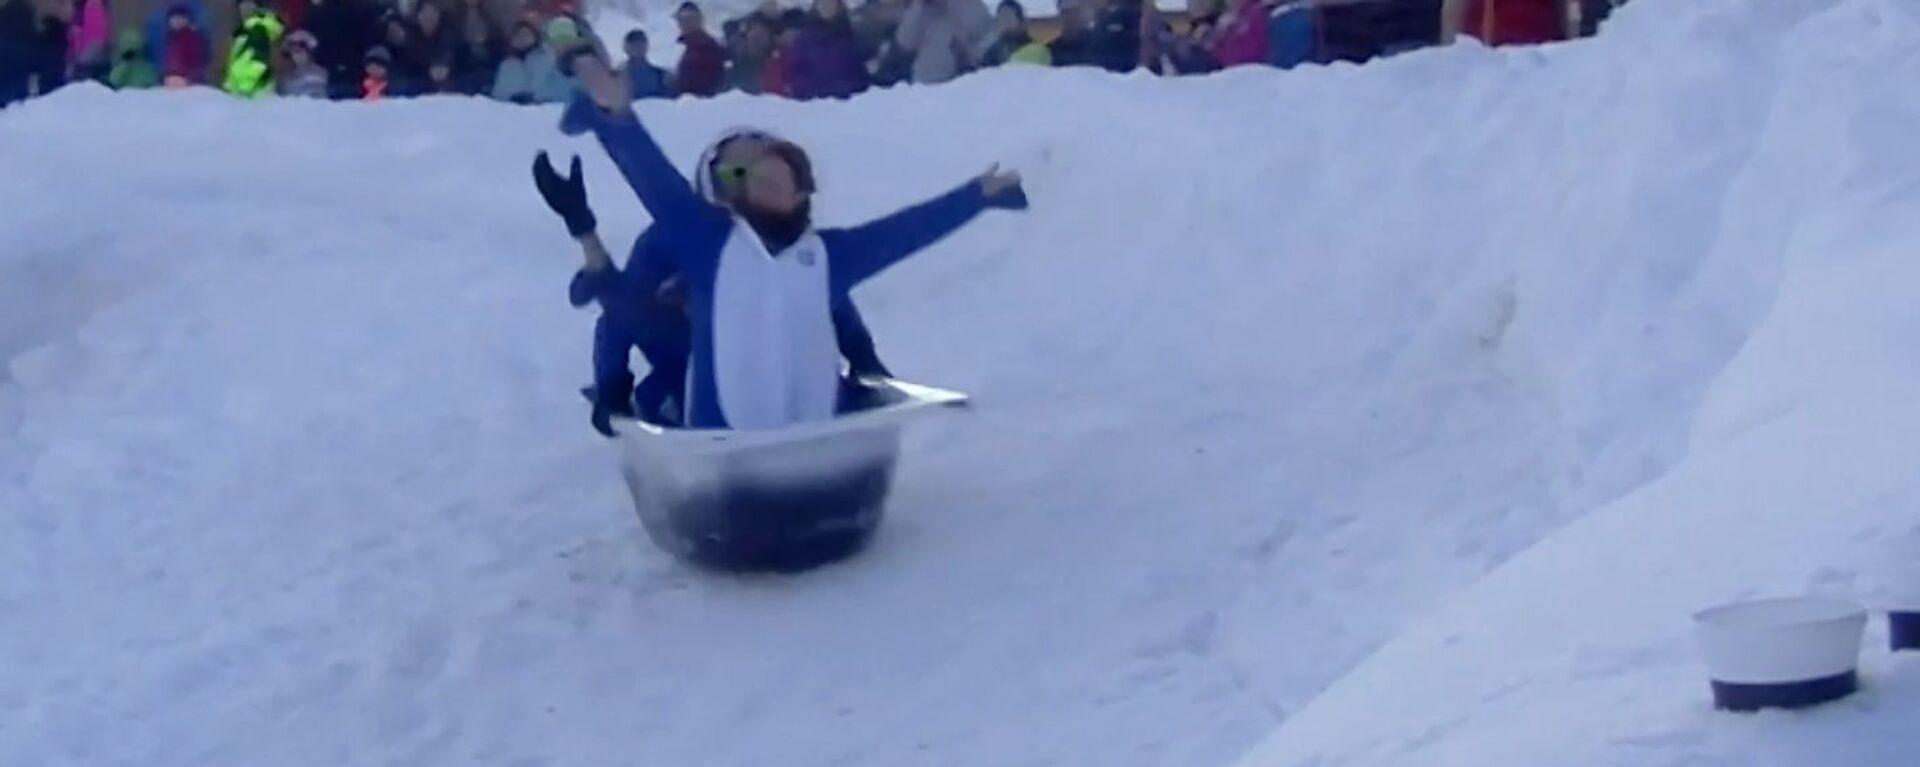 Αγώνες σκι στις Άλπεις με… μπανιέρες! - Sputnik Ελλάδα, 1920, 21.01.2020